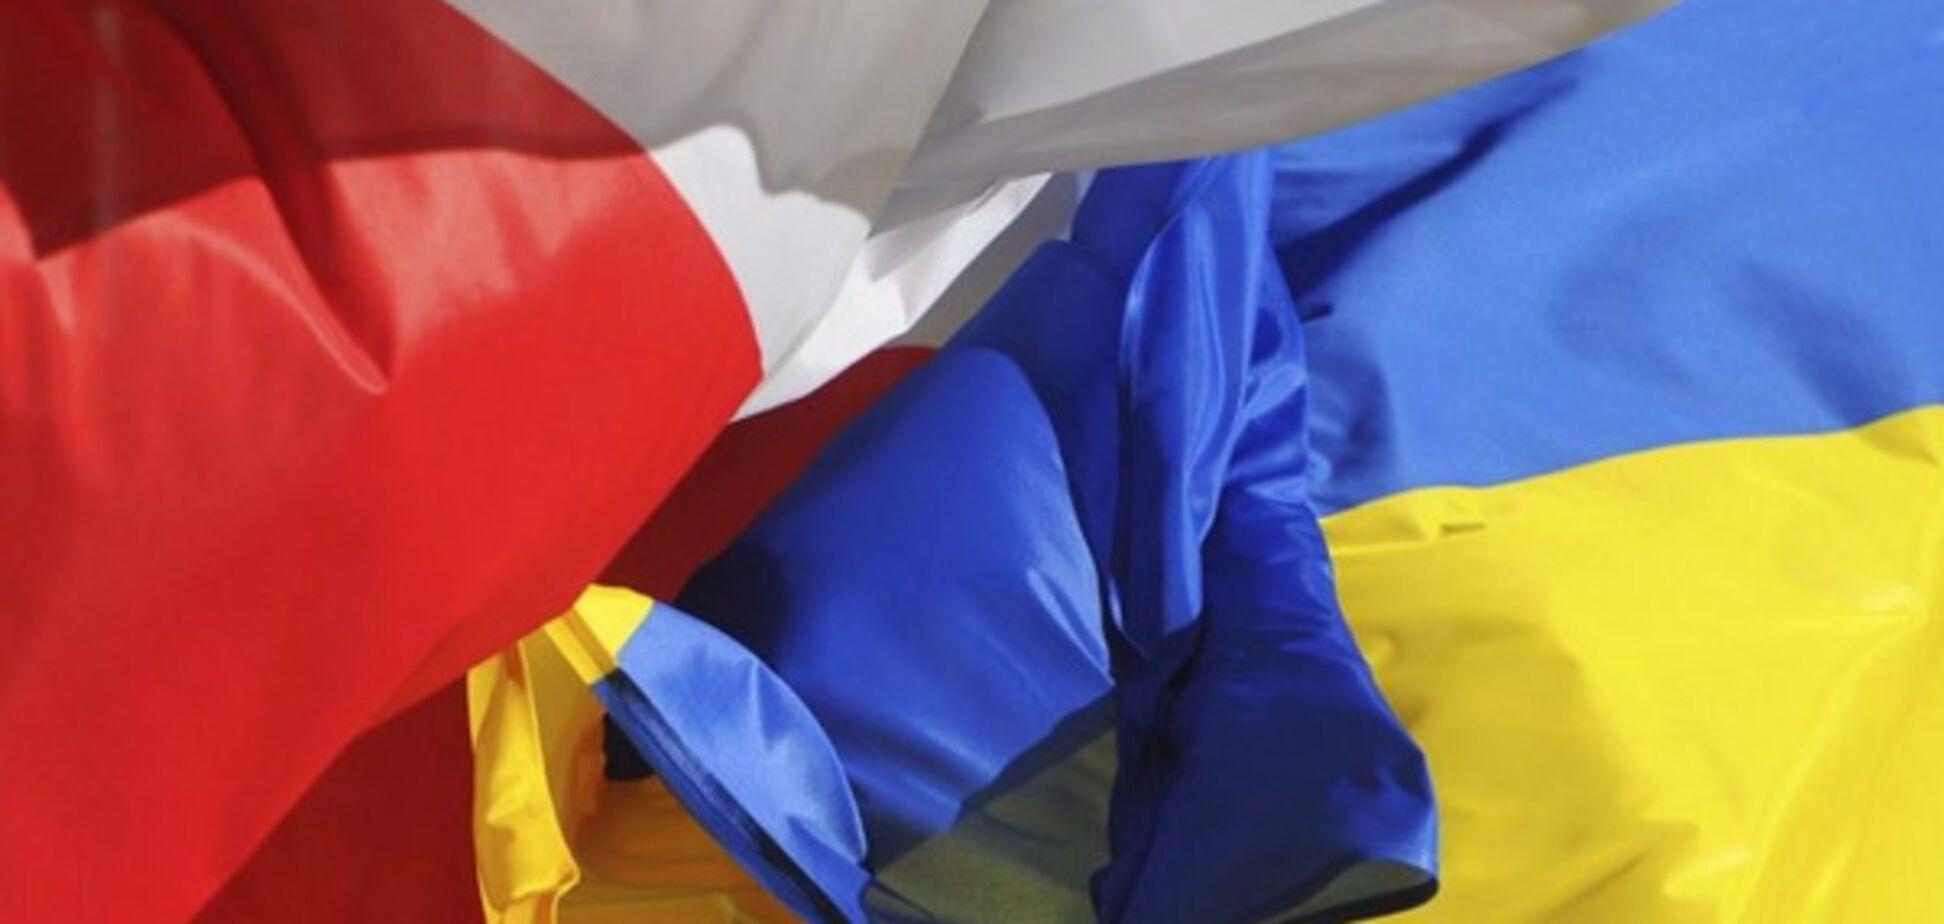 'Наш край' потребовал отчета силовиков по событиям в Луцке